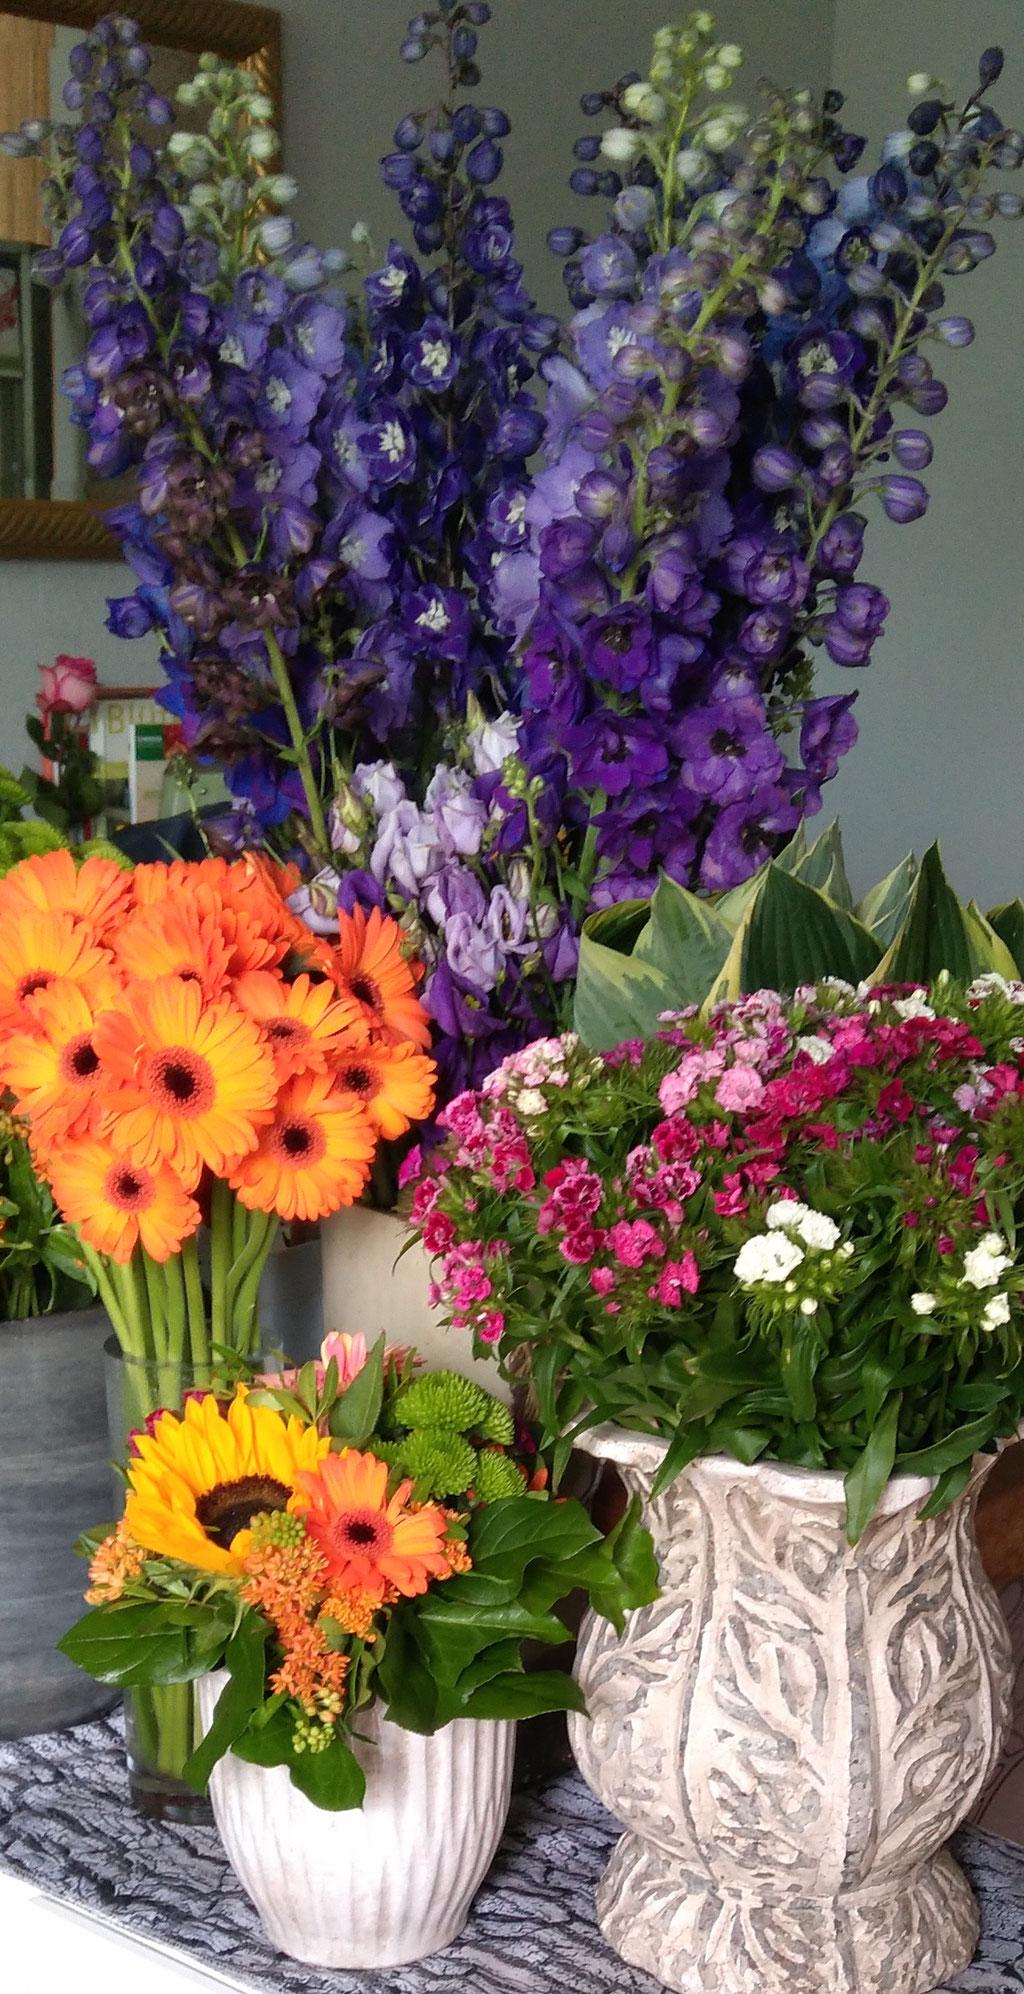 Blumensträuße/Gestecke/Keramik - BlumenART-Caputh - Lindenstraße 35